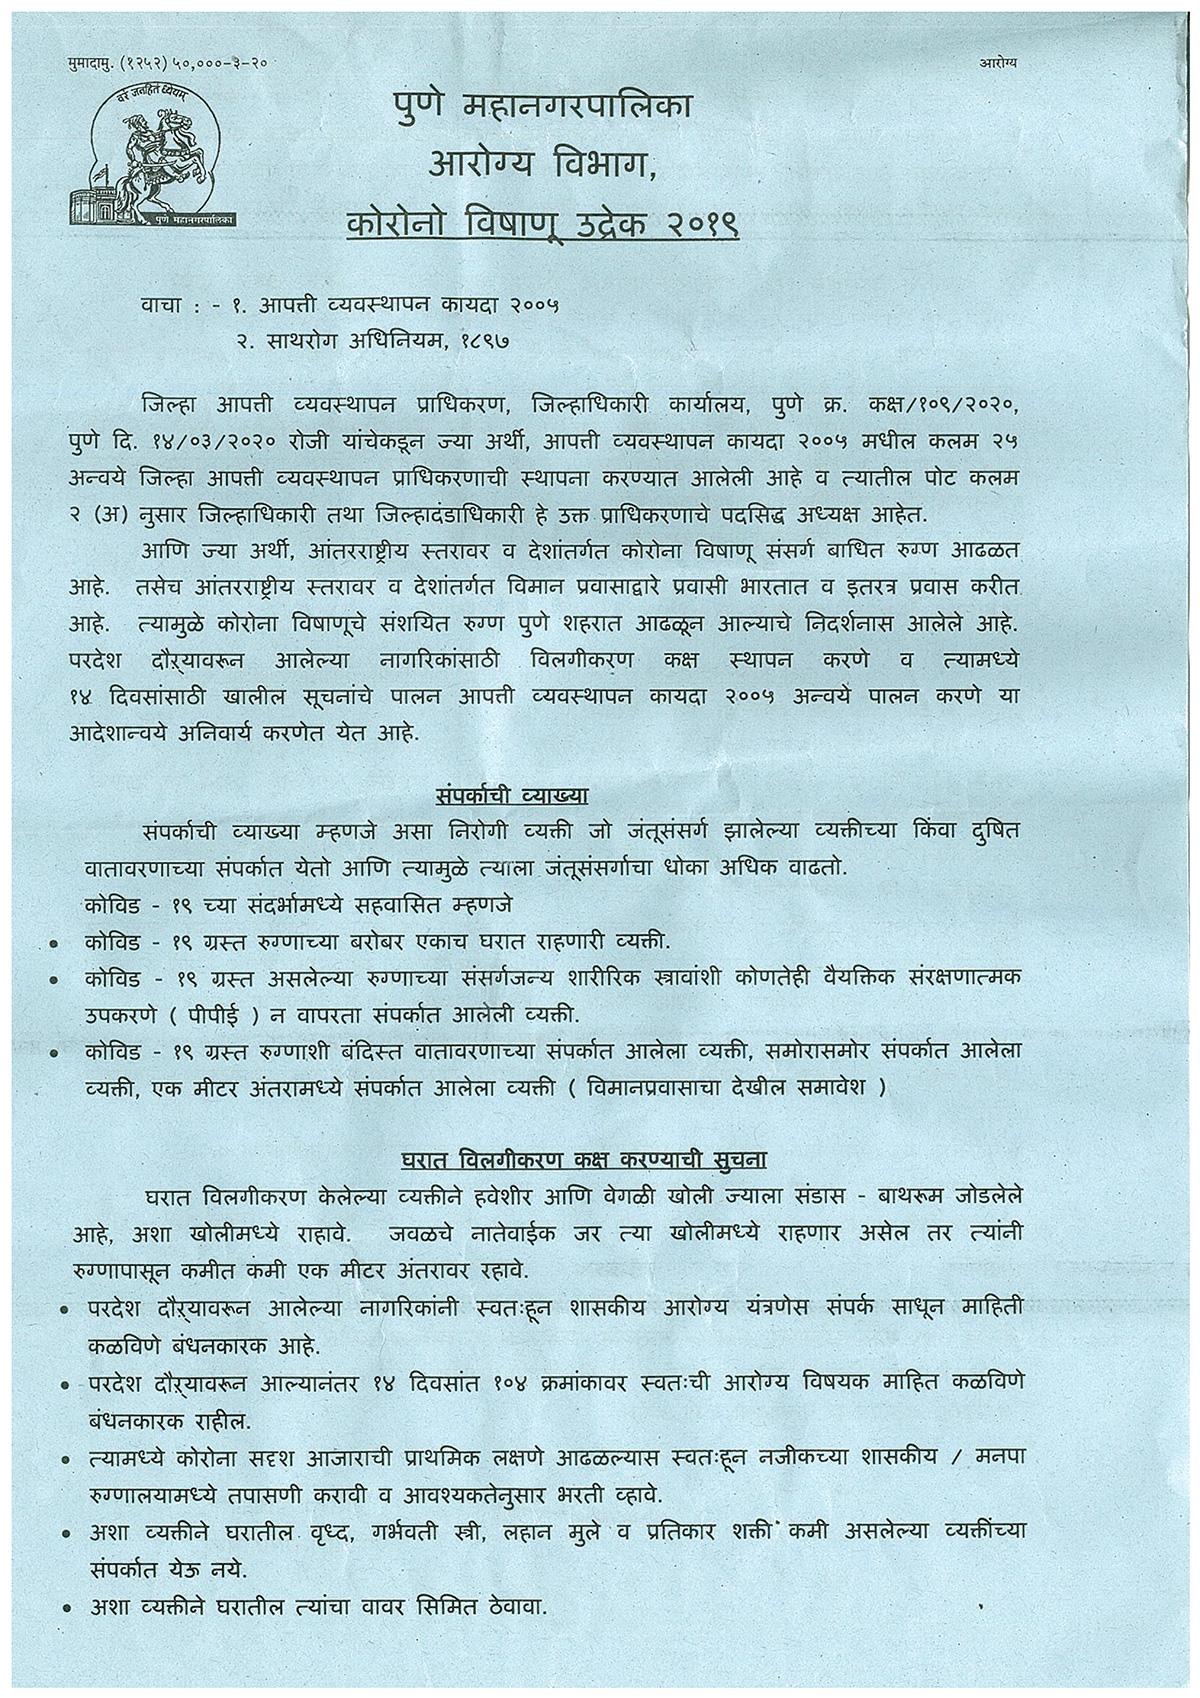 HDPMC-marathi-1